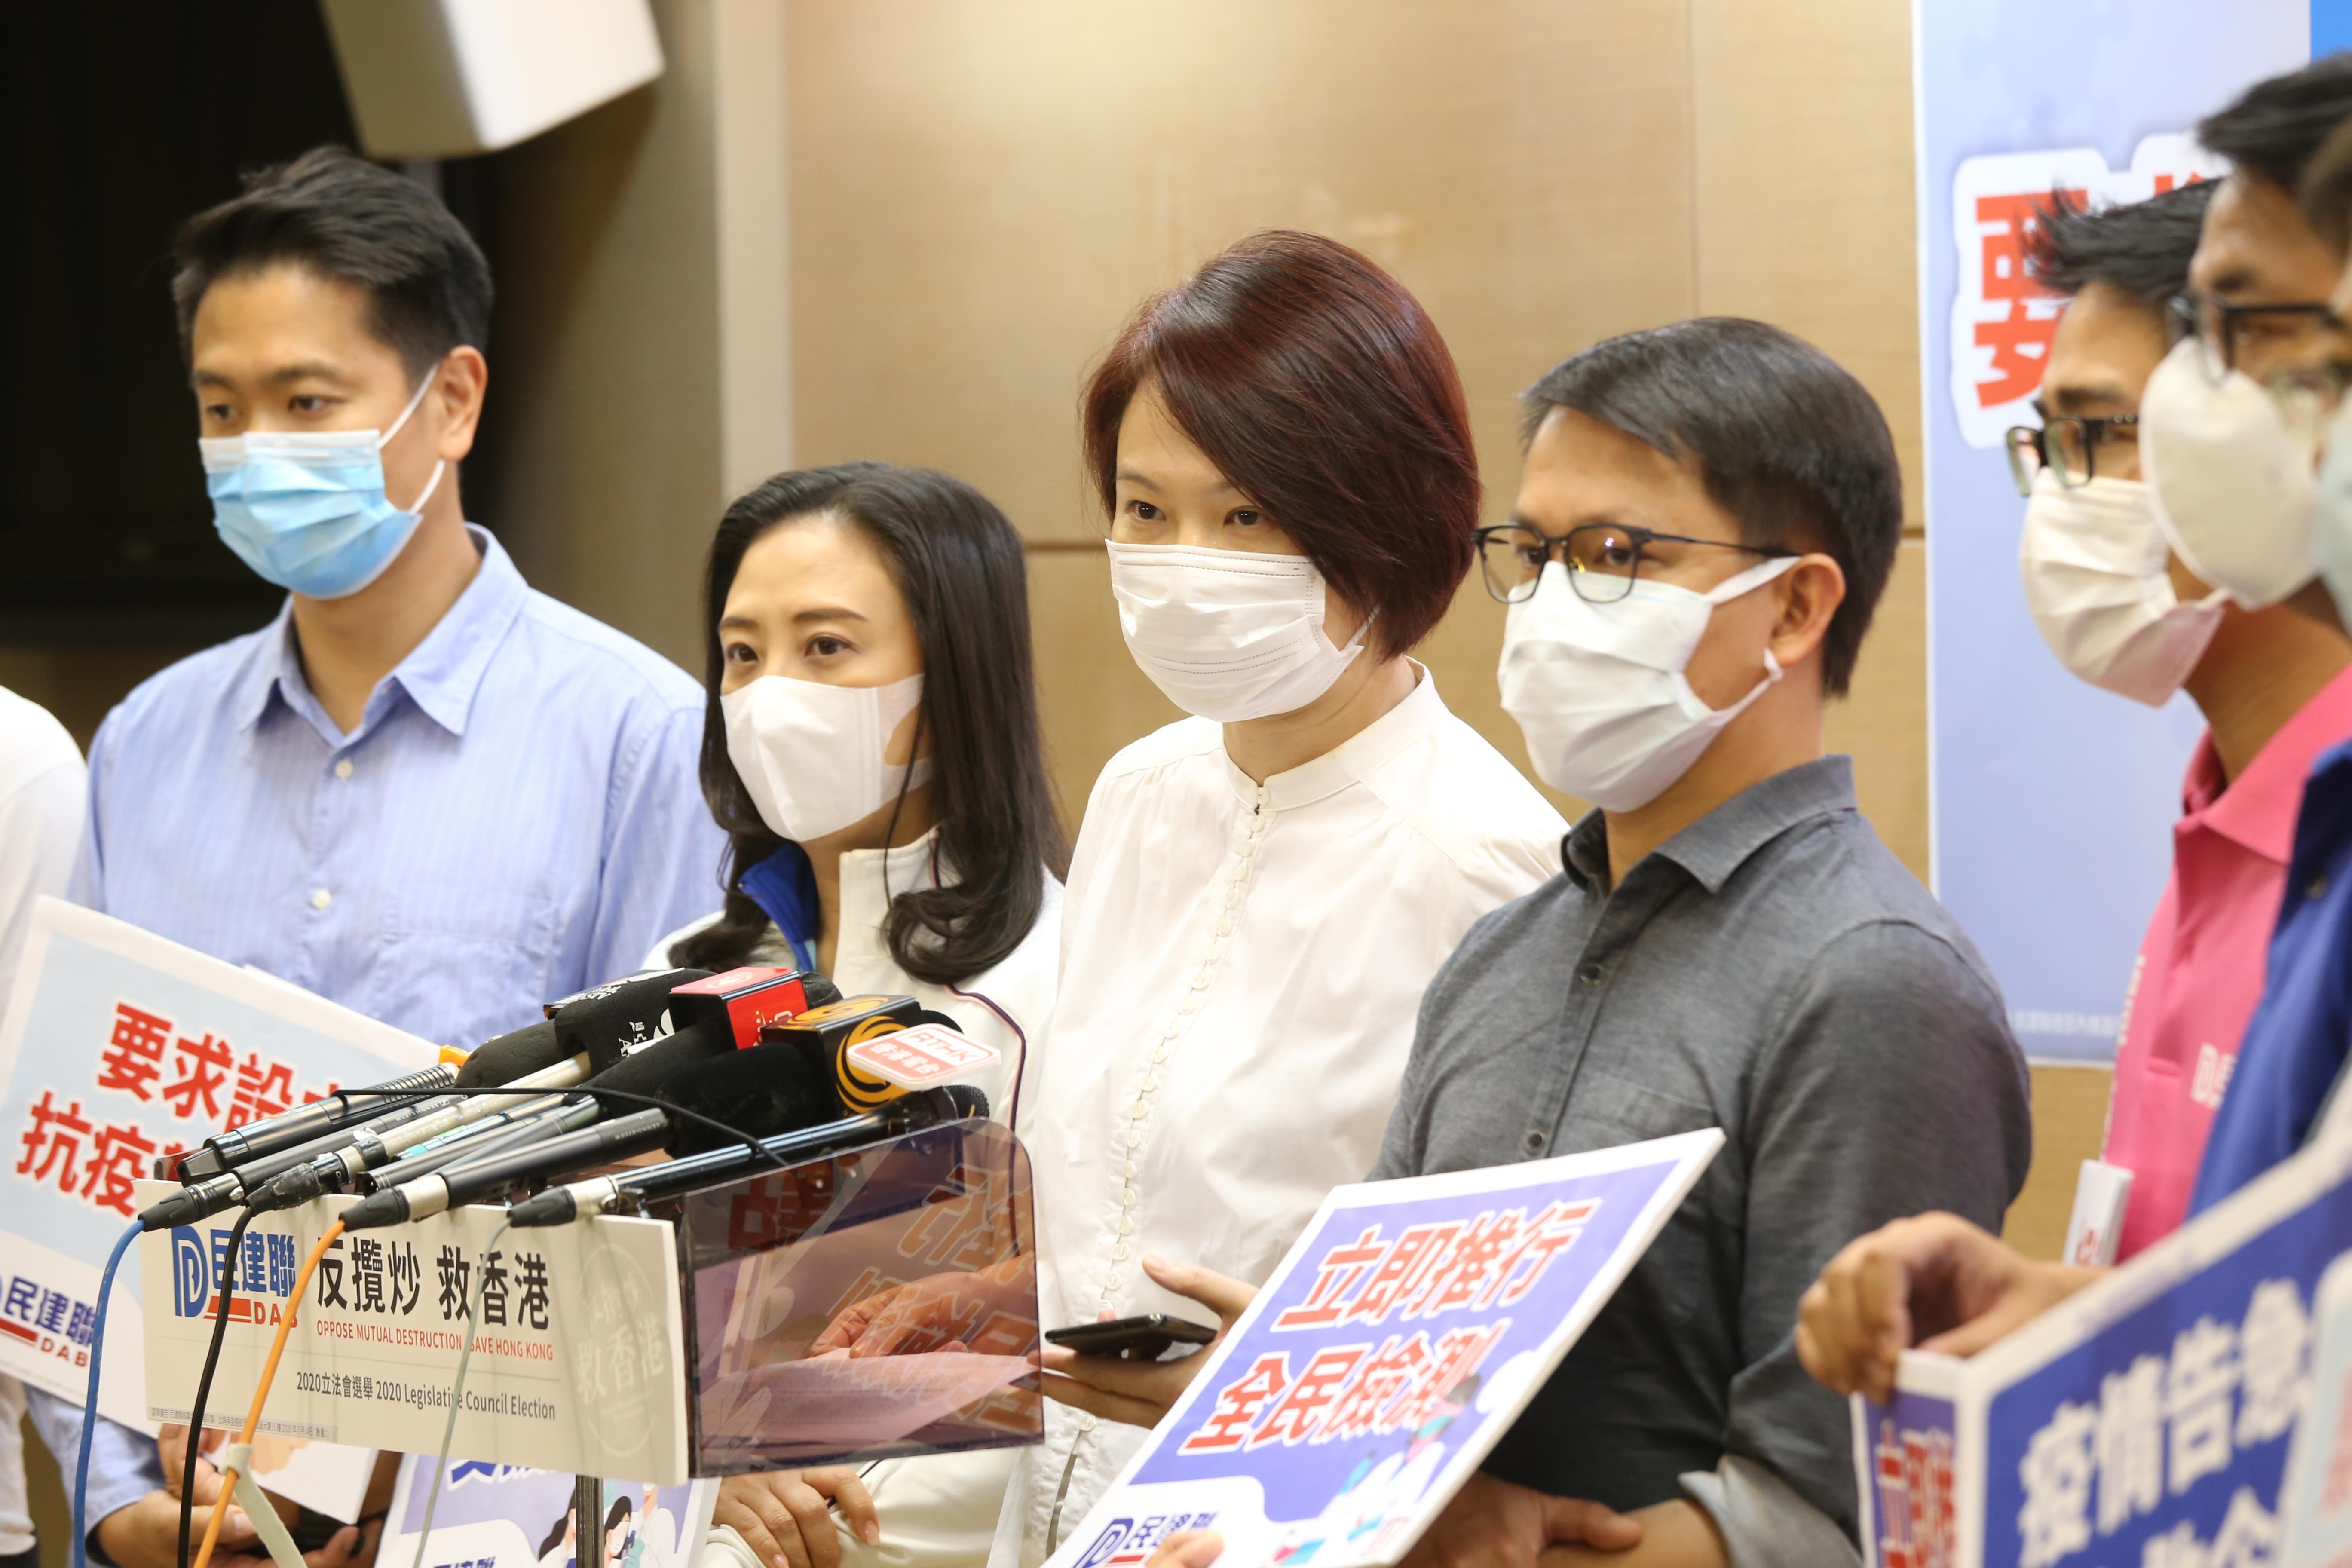 疫情告急  救人救企業  要求政府全方位應對疫情